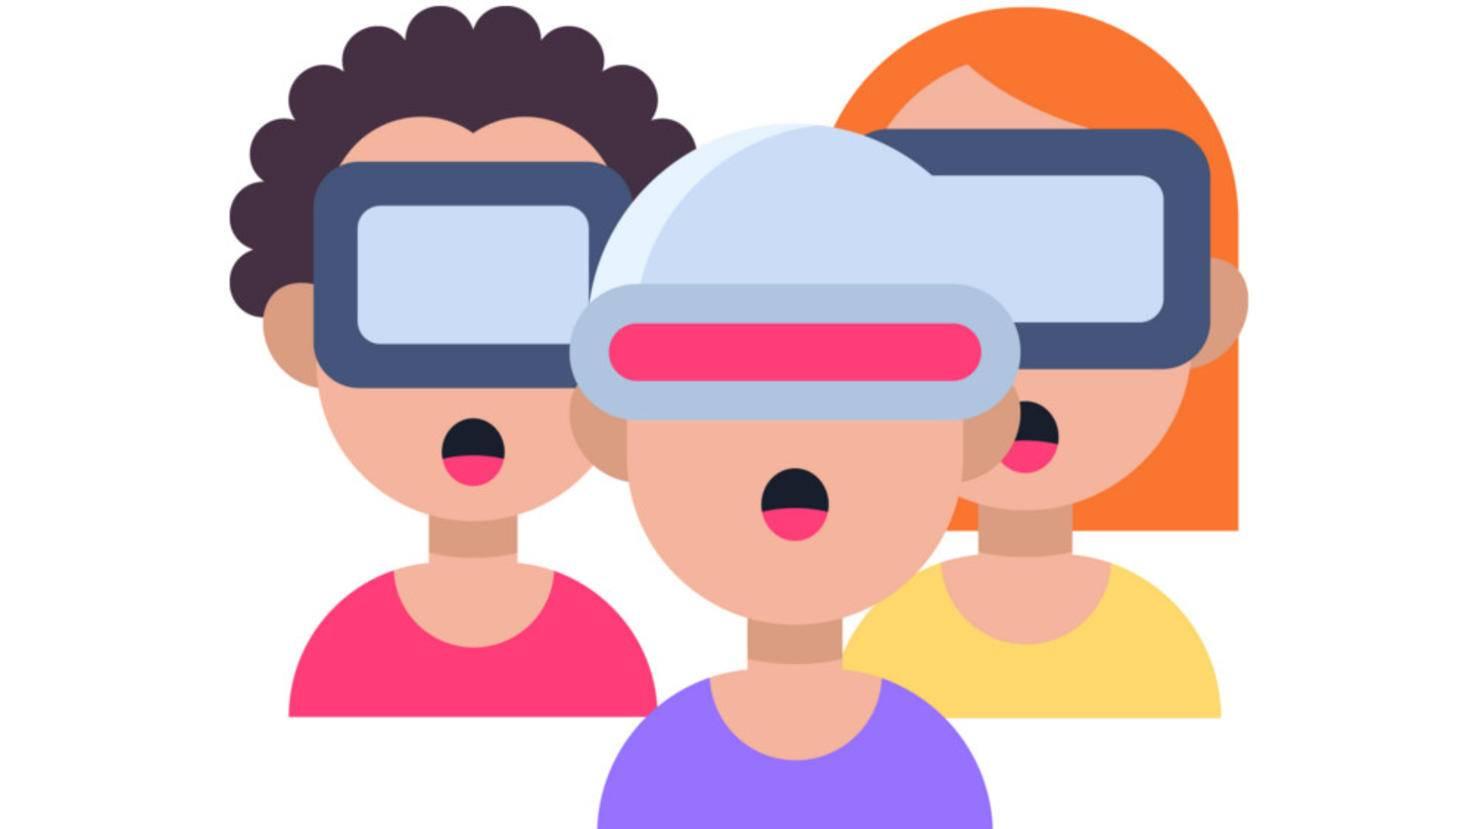 Die VR-Brille ist erst der Anfang ...